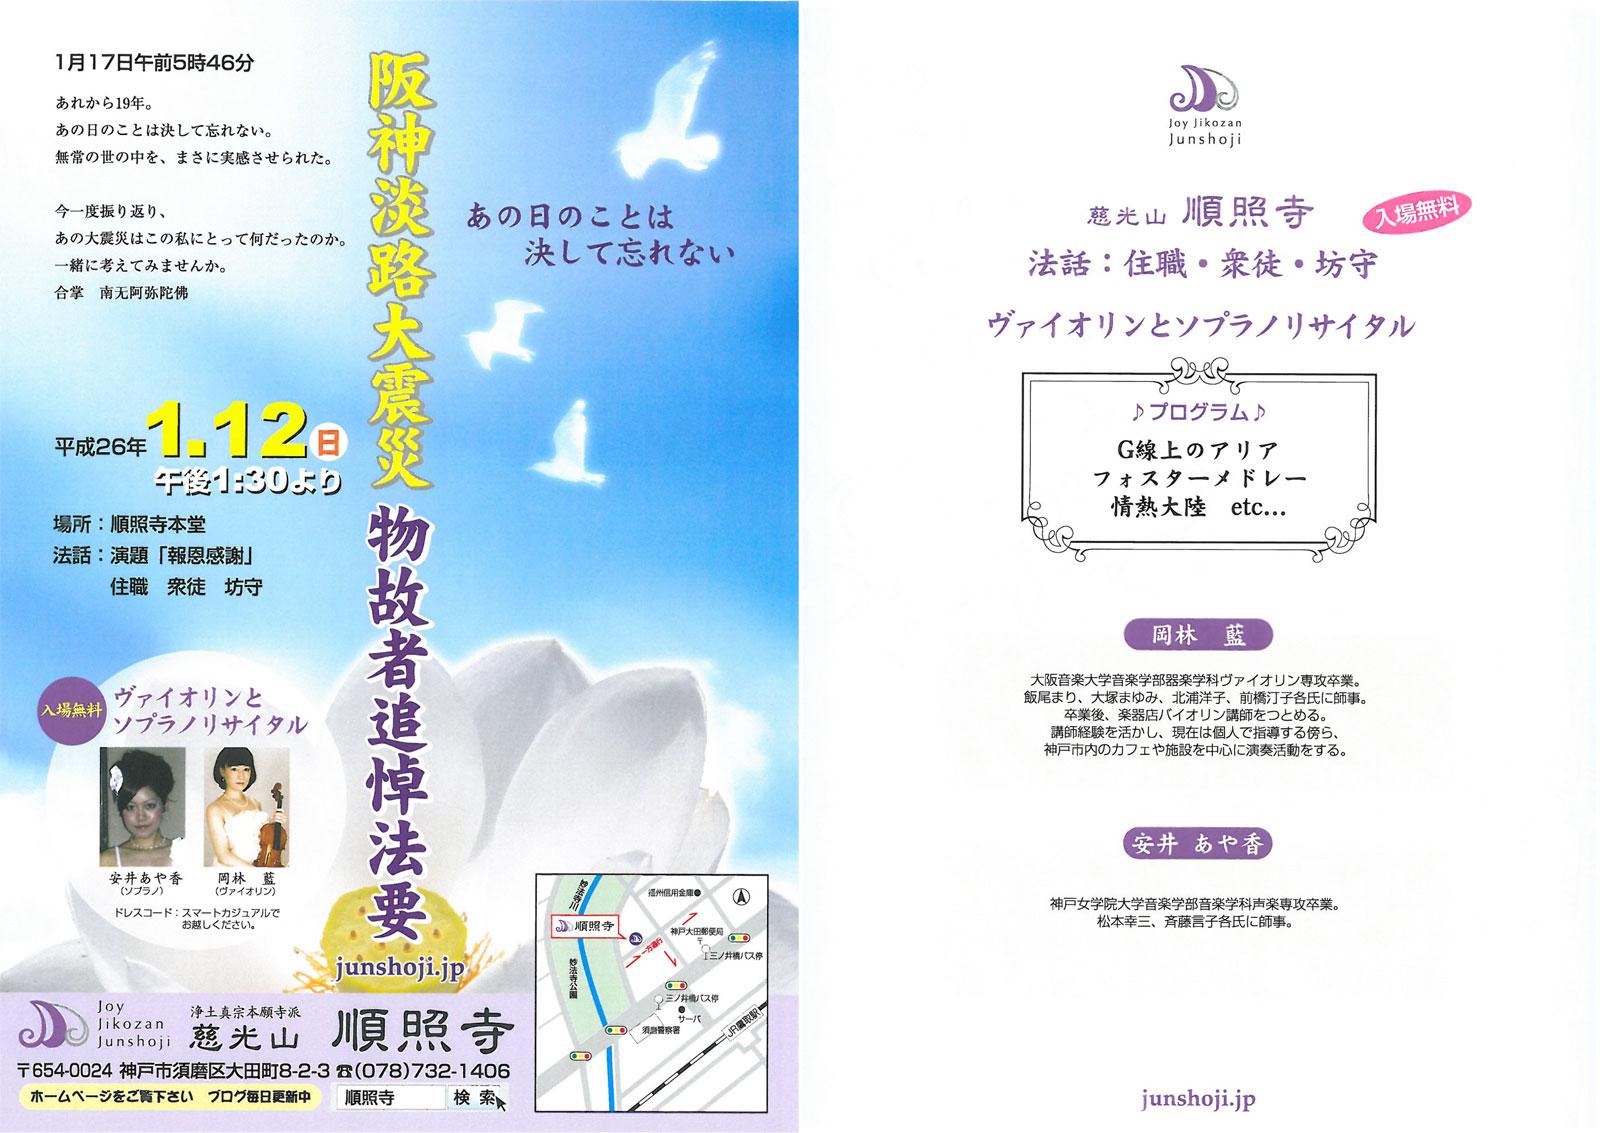 順照寺の平成26年度 阪神・淡路大震災 物故者追悼法要